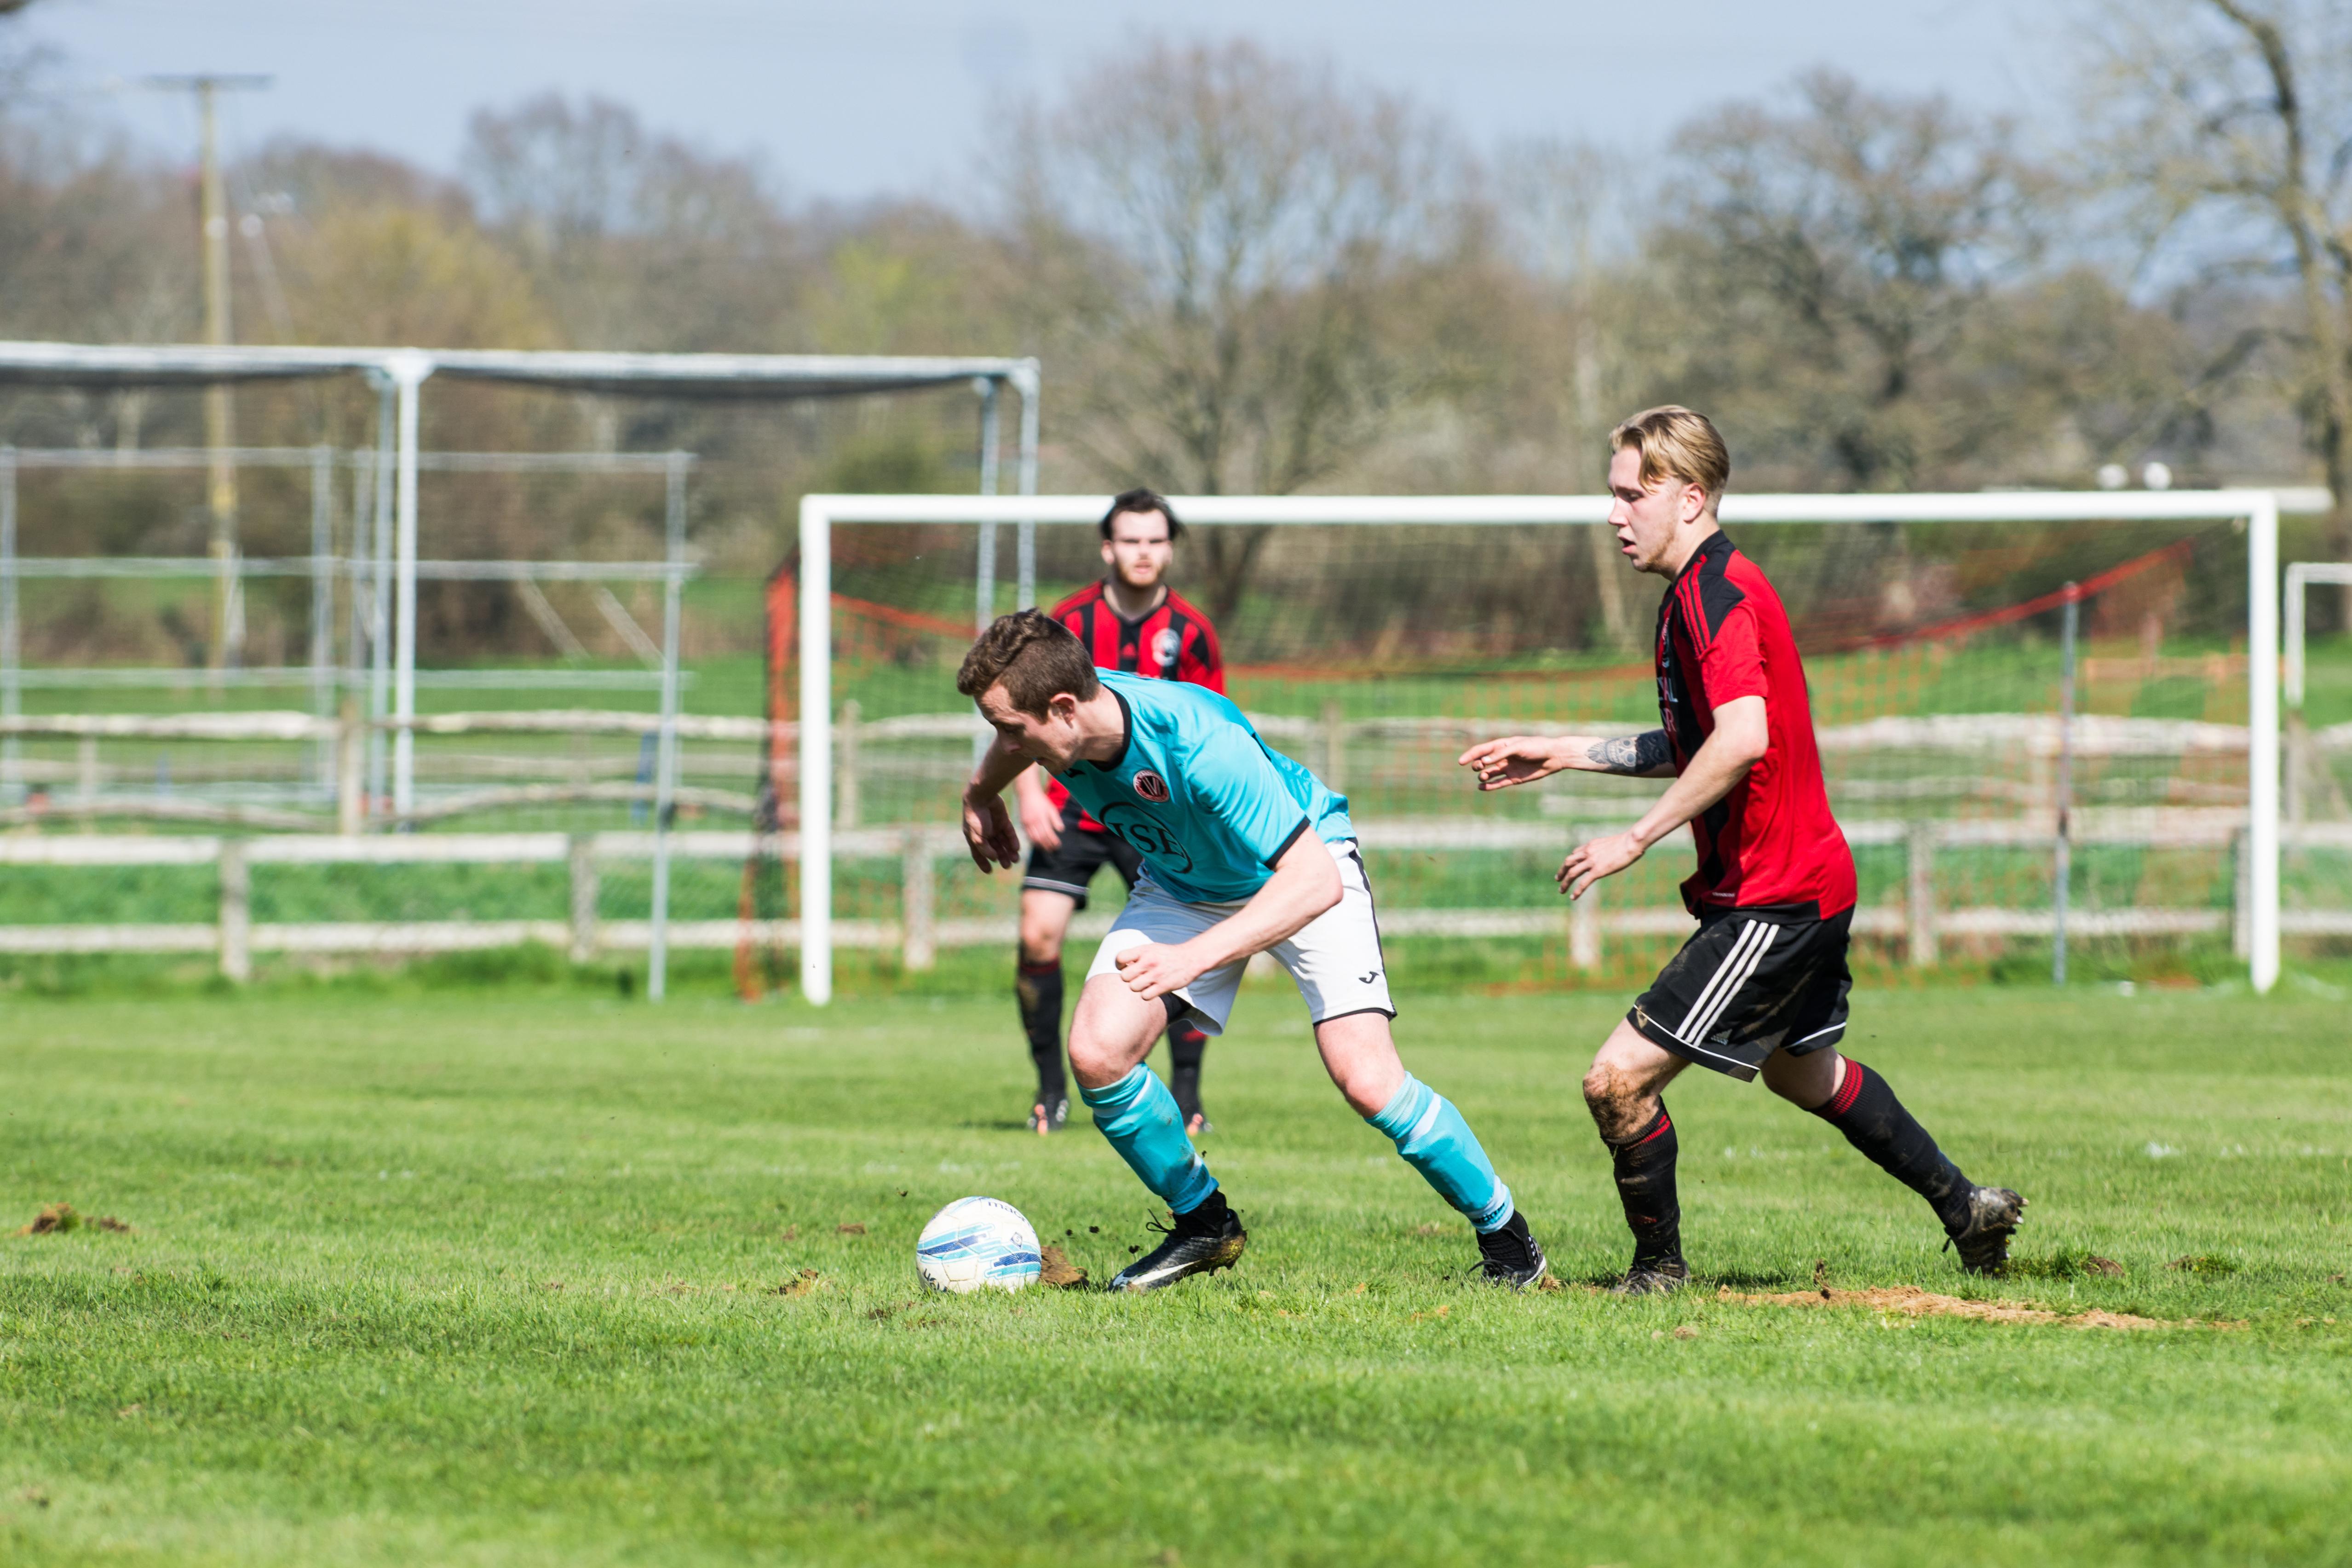 DAVID_JEFFERY Billingshurst FC vs AFC Varndeanians 14.04.18 44